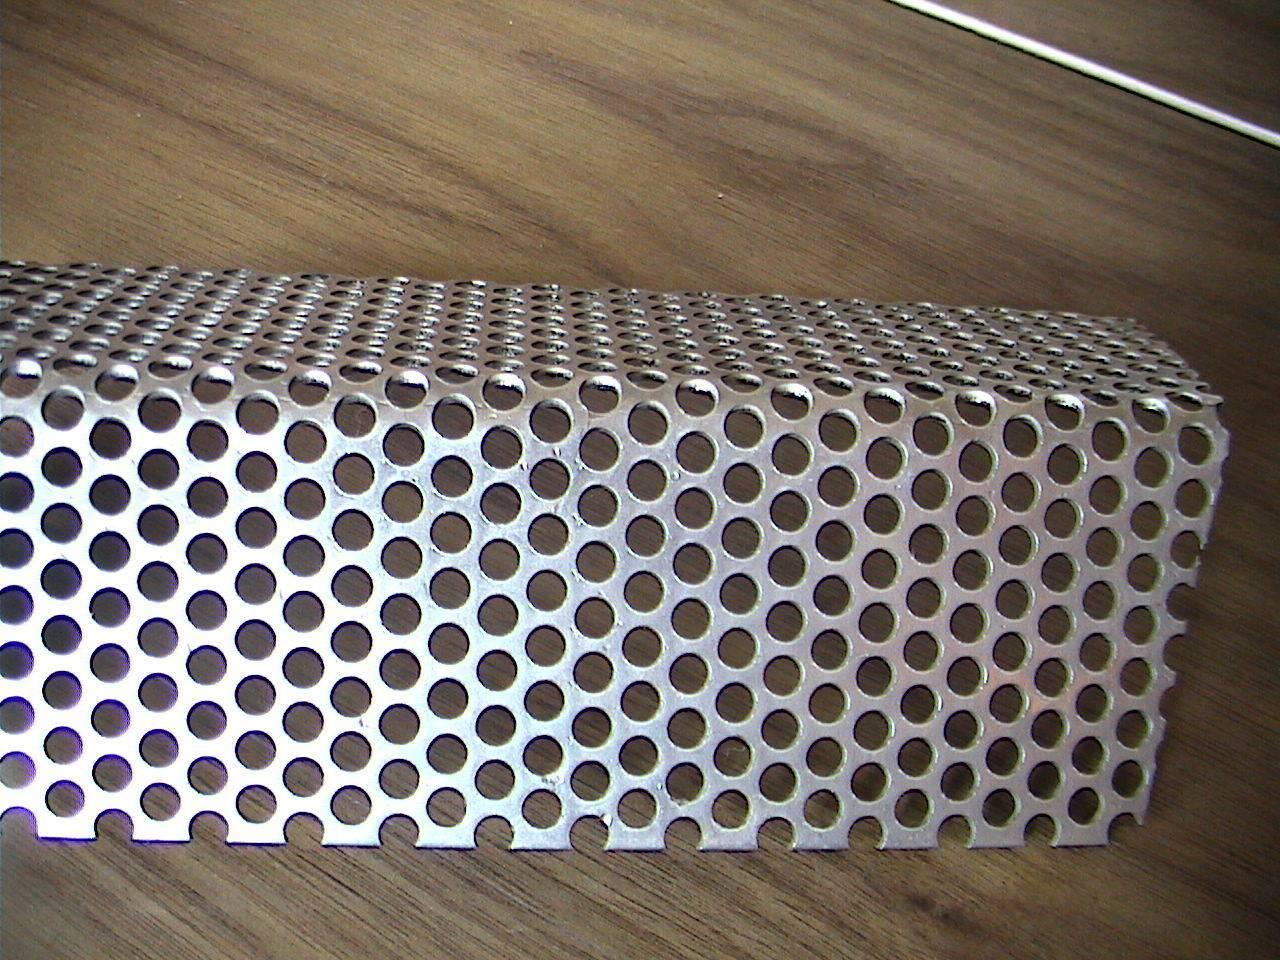 performed metal sheet